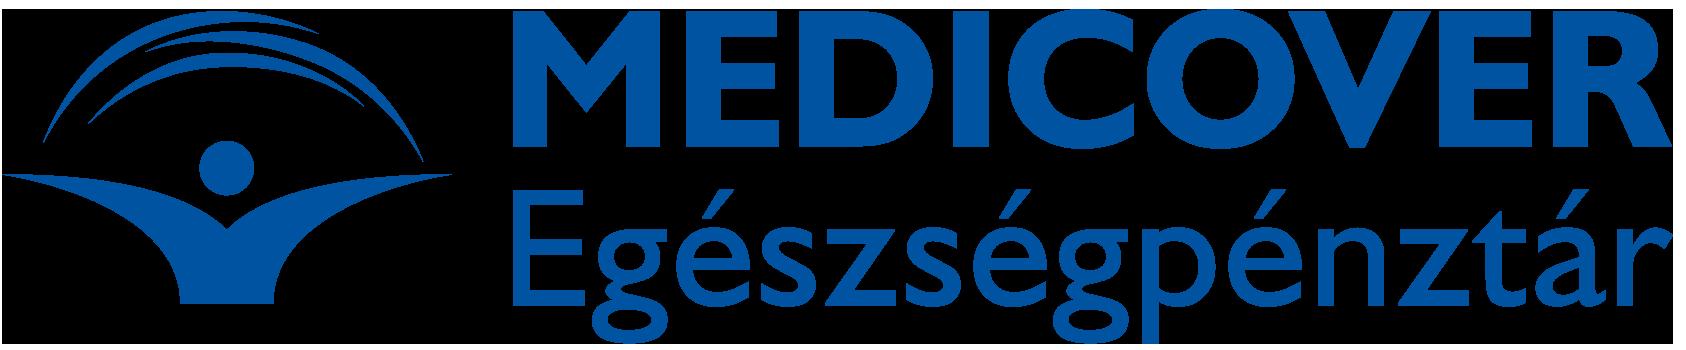 ep-logo-tegla